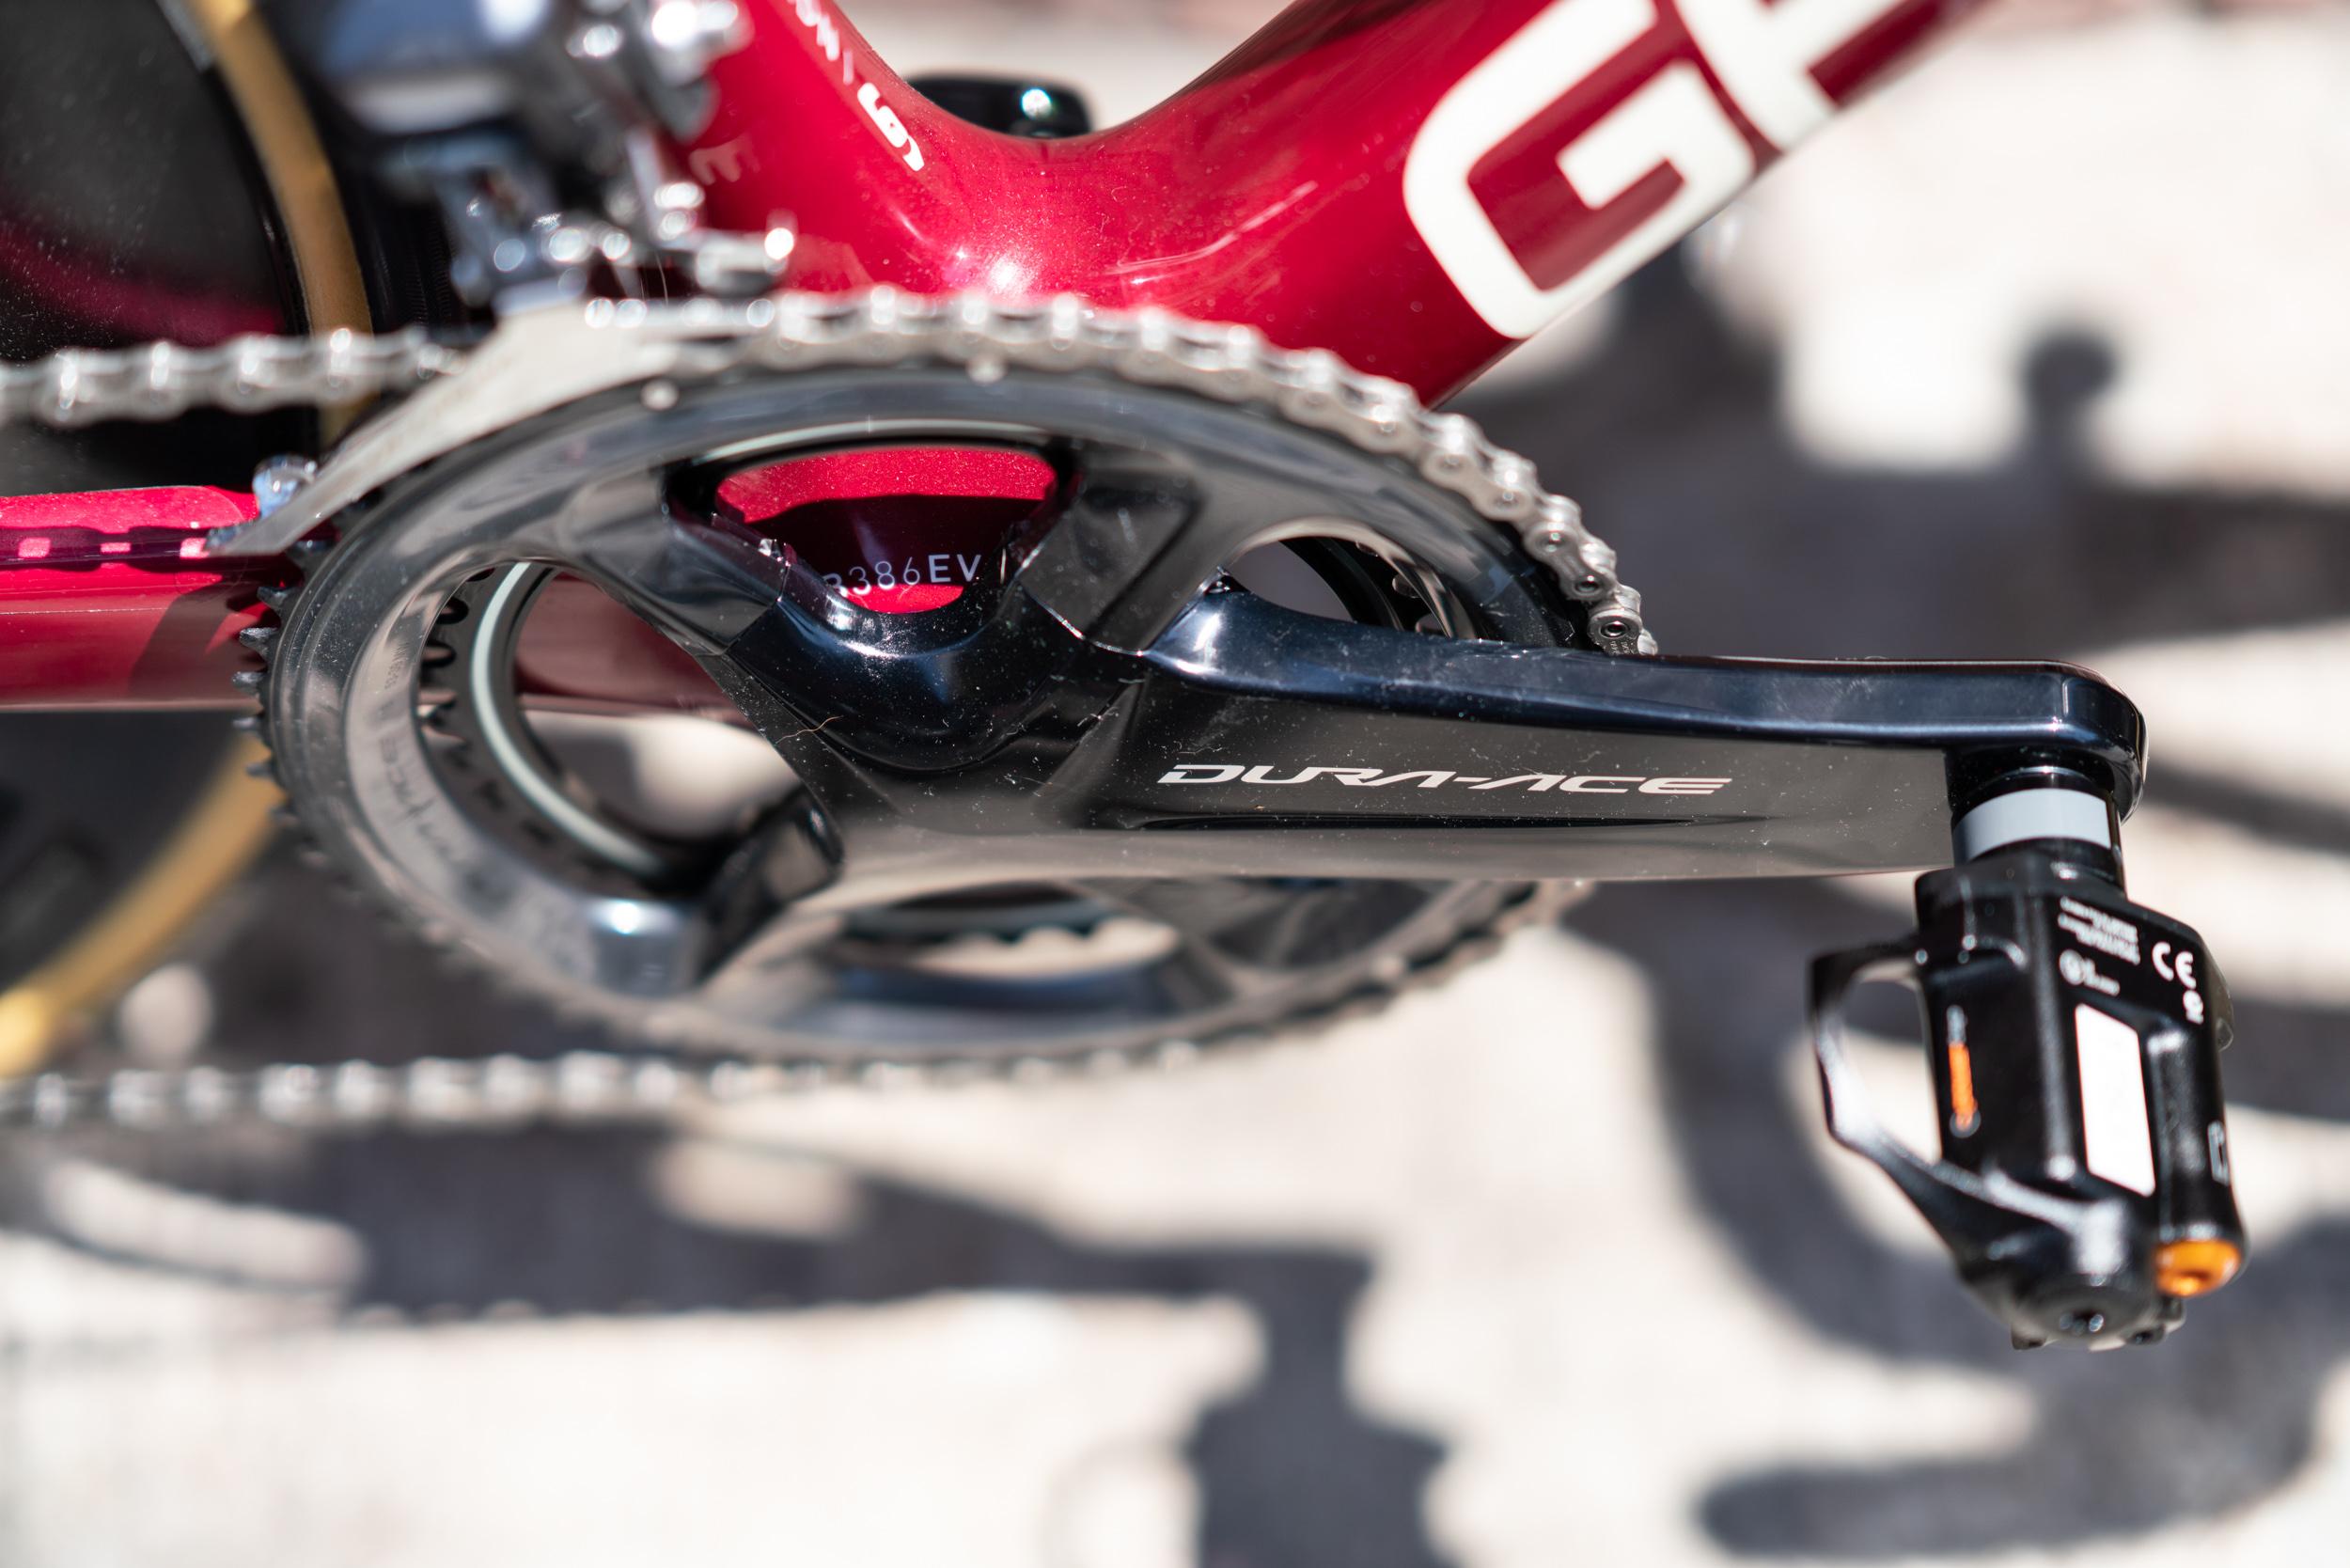 photo-rhetoric-to-be-determined-garneau-d1-blood-bike-1009.jpg